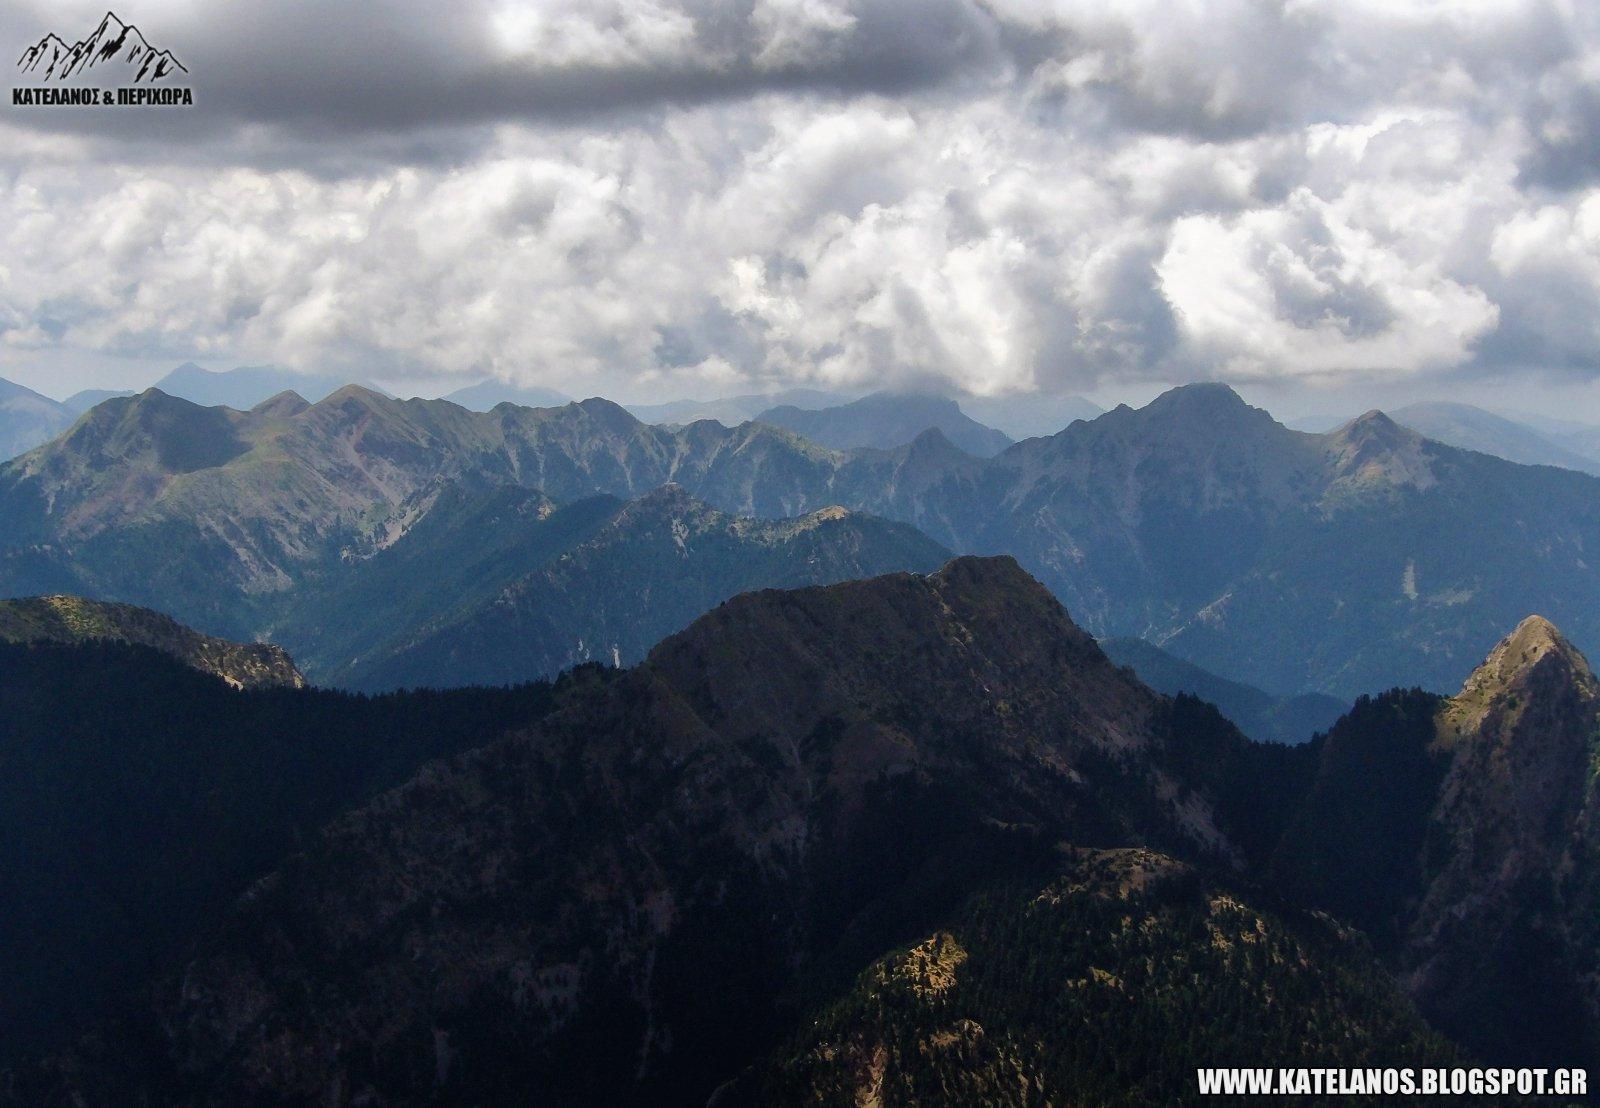 αγρια βουνα οροσειρα παναιτωλικο ορος πλατανι κουκουρεχι κορυφογραμμη